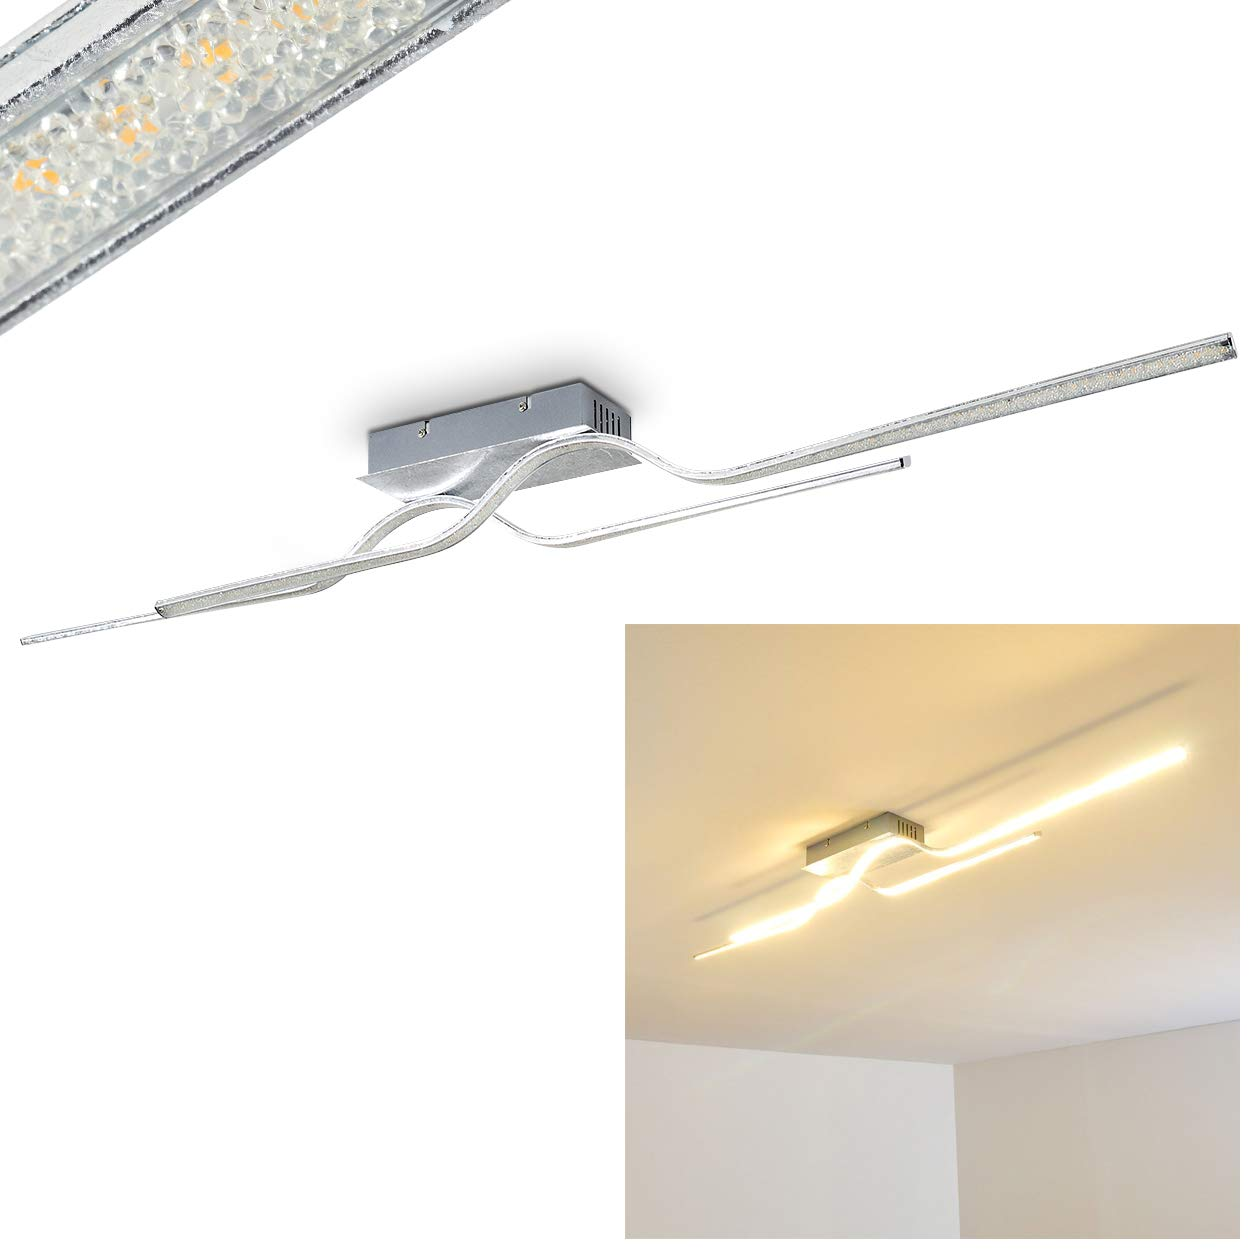 LED Deckenleuchte Jamjo, Lampe mit zwei länglichen Lichtleisten und Kunststoffkristallen, Deckenstrahler in Silberfarben, Zimmerlampe für Flur, Schlafzimmer, Wohnzimmer - 3000 Kelvin, 2100 Lumen